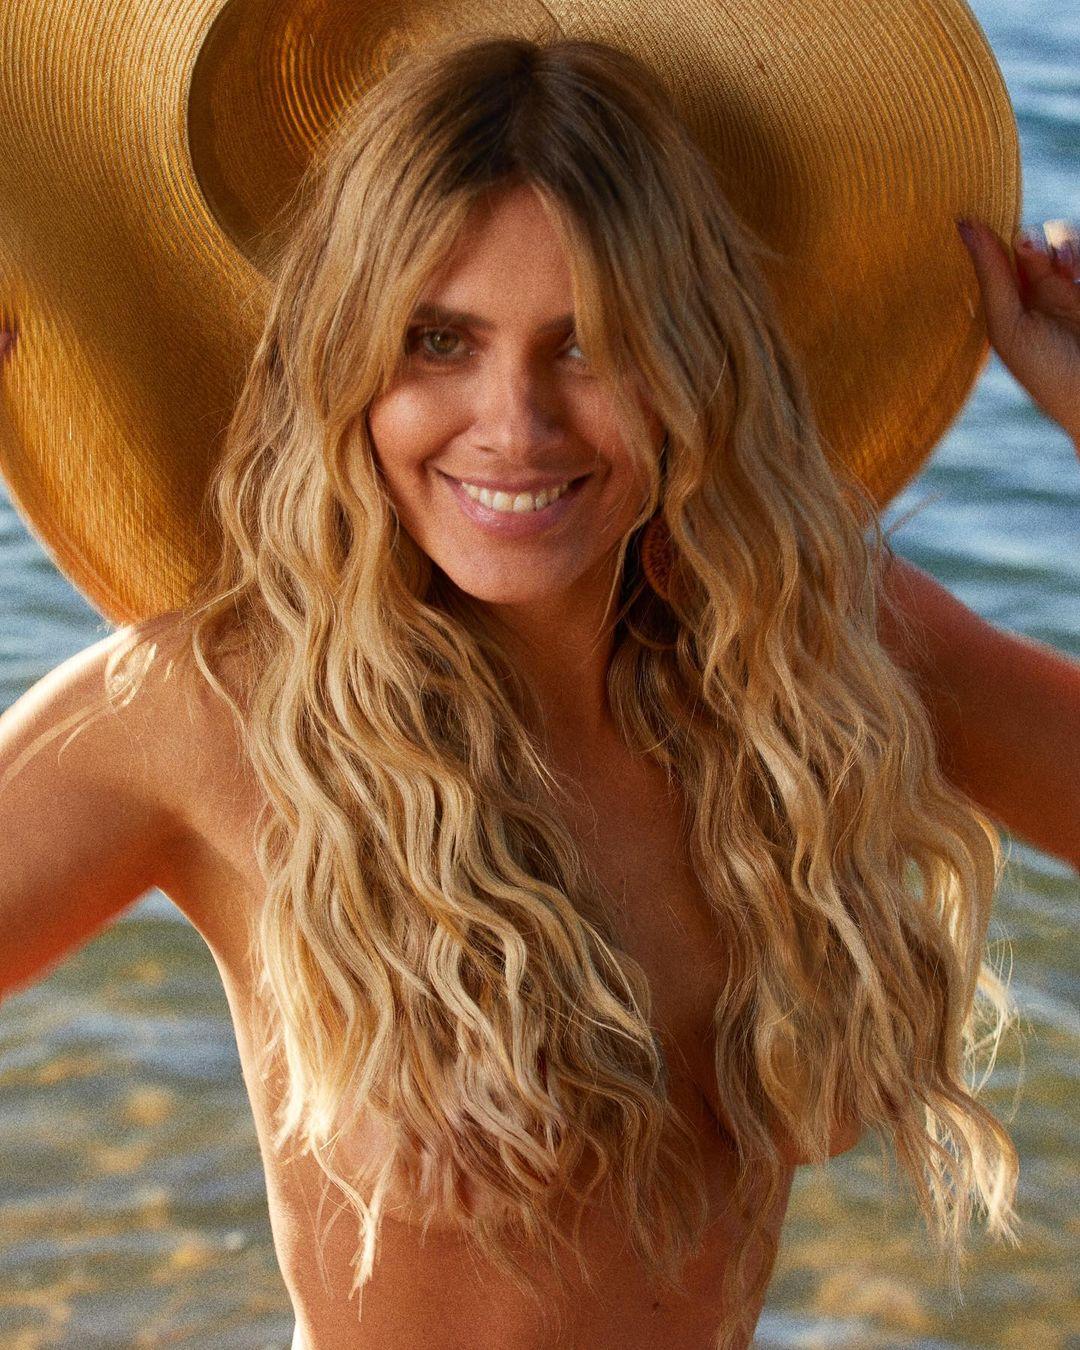 Carolina Dieckmann posa sem parte de cima na praia.